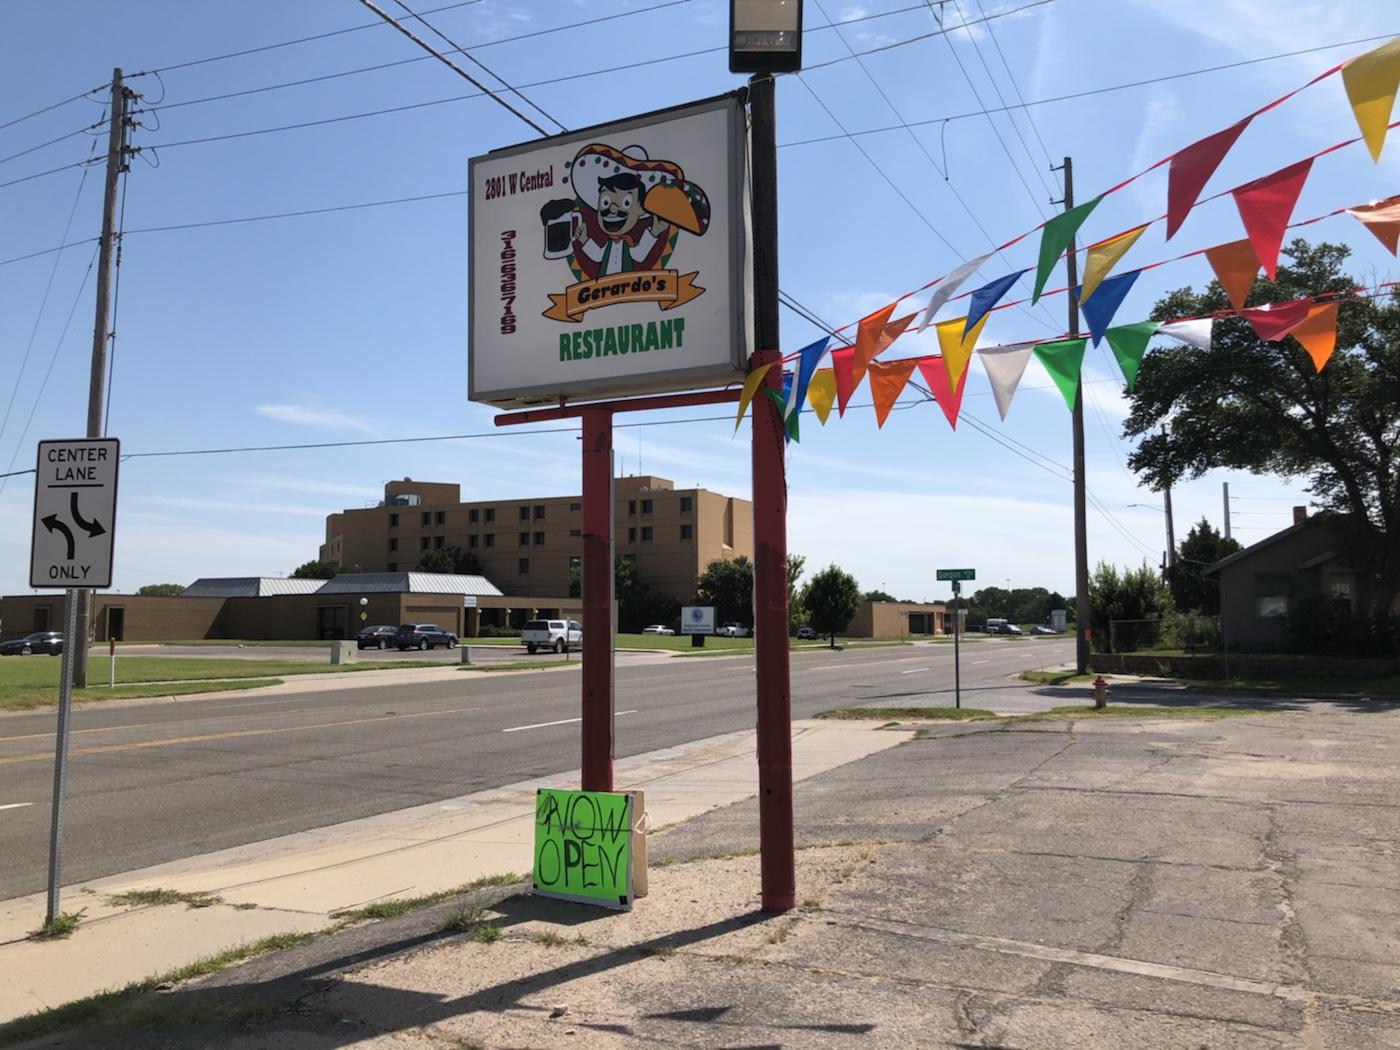 Gerardo's Restaurant